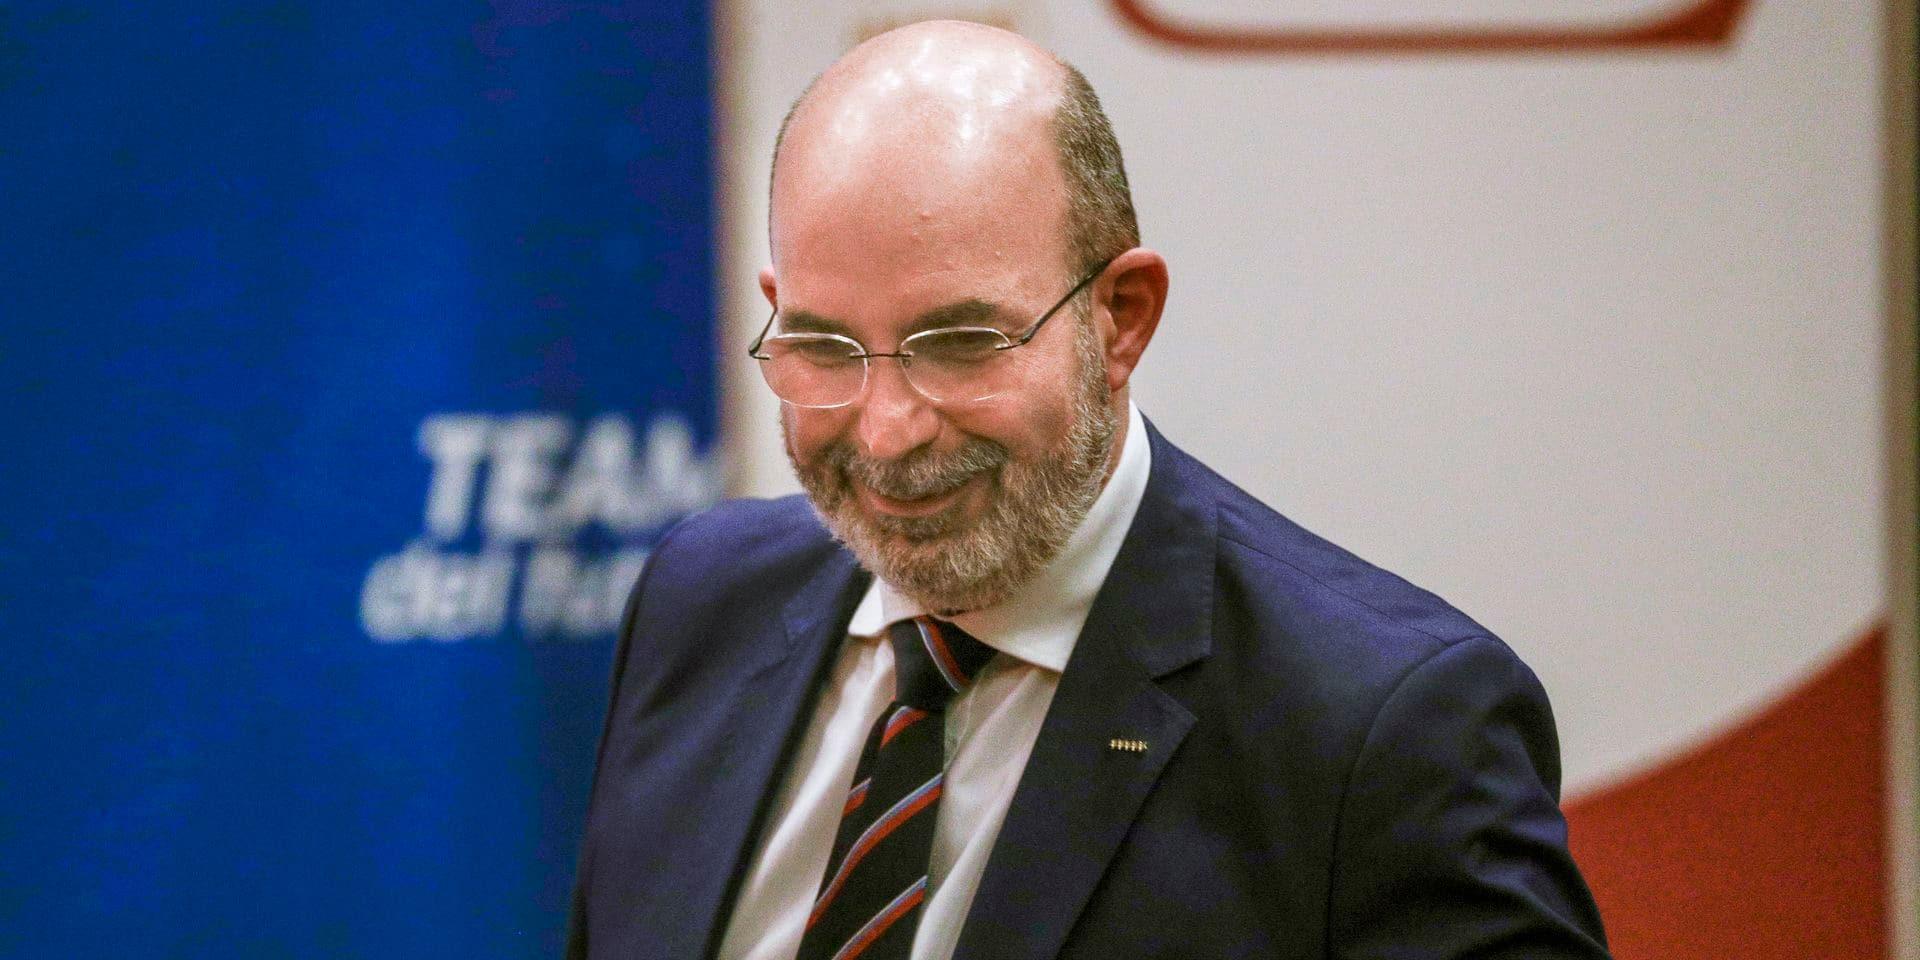 Qui est Vito Crimi, le nouveau patron du Mouvement 5 Étoiles en Italie?